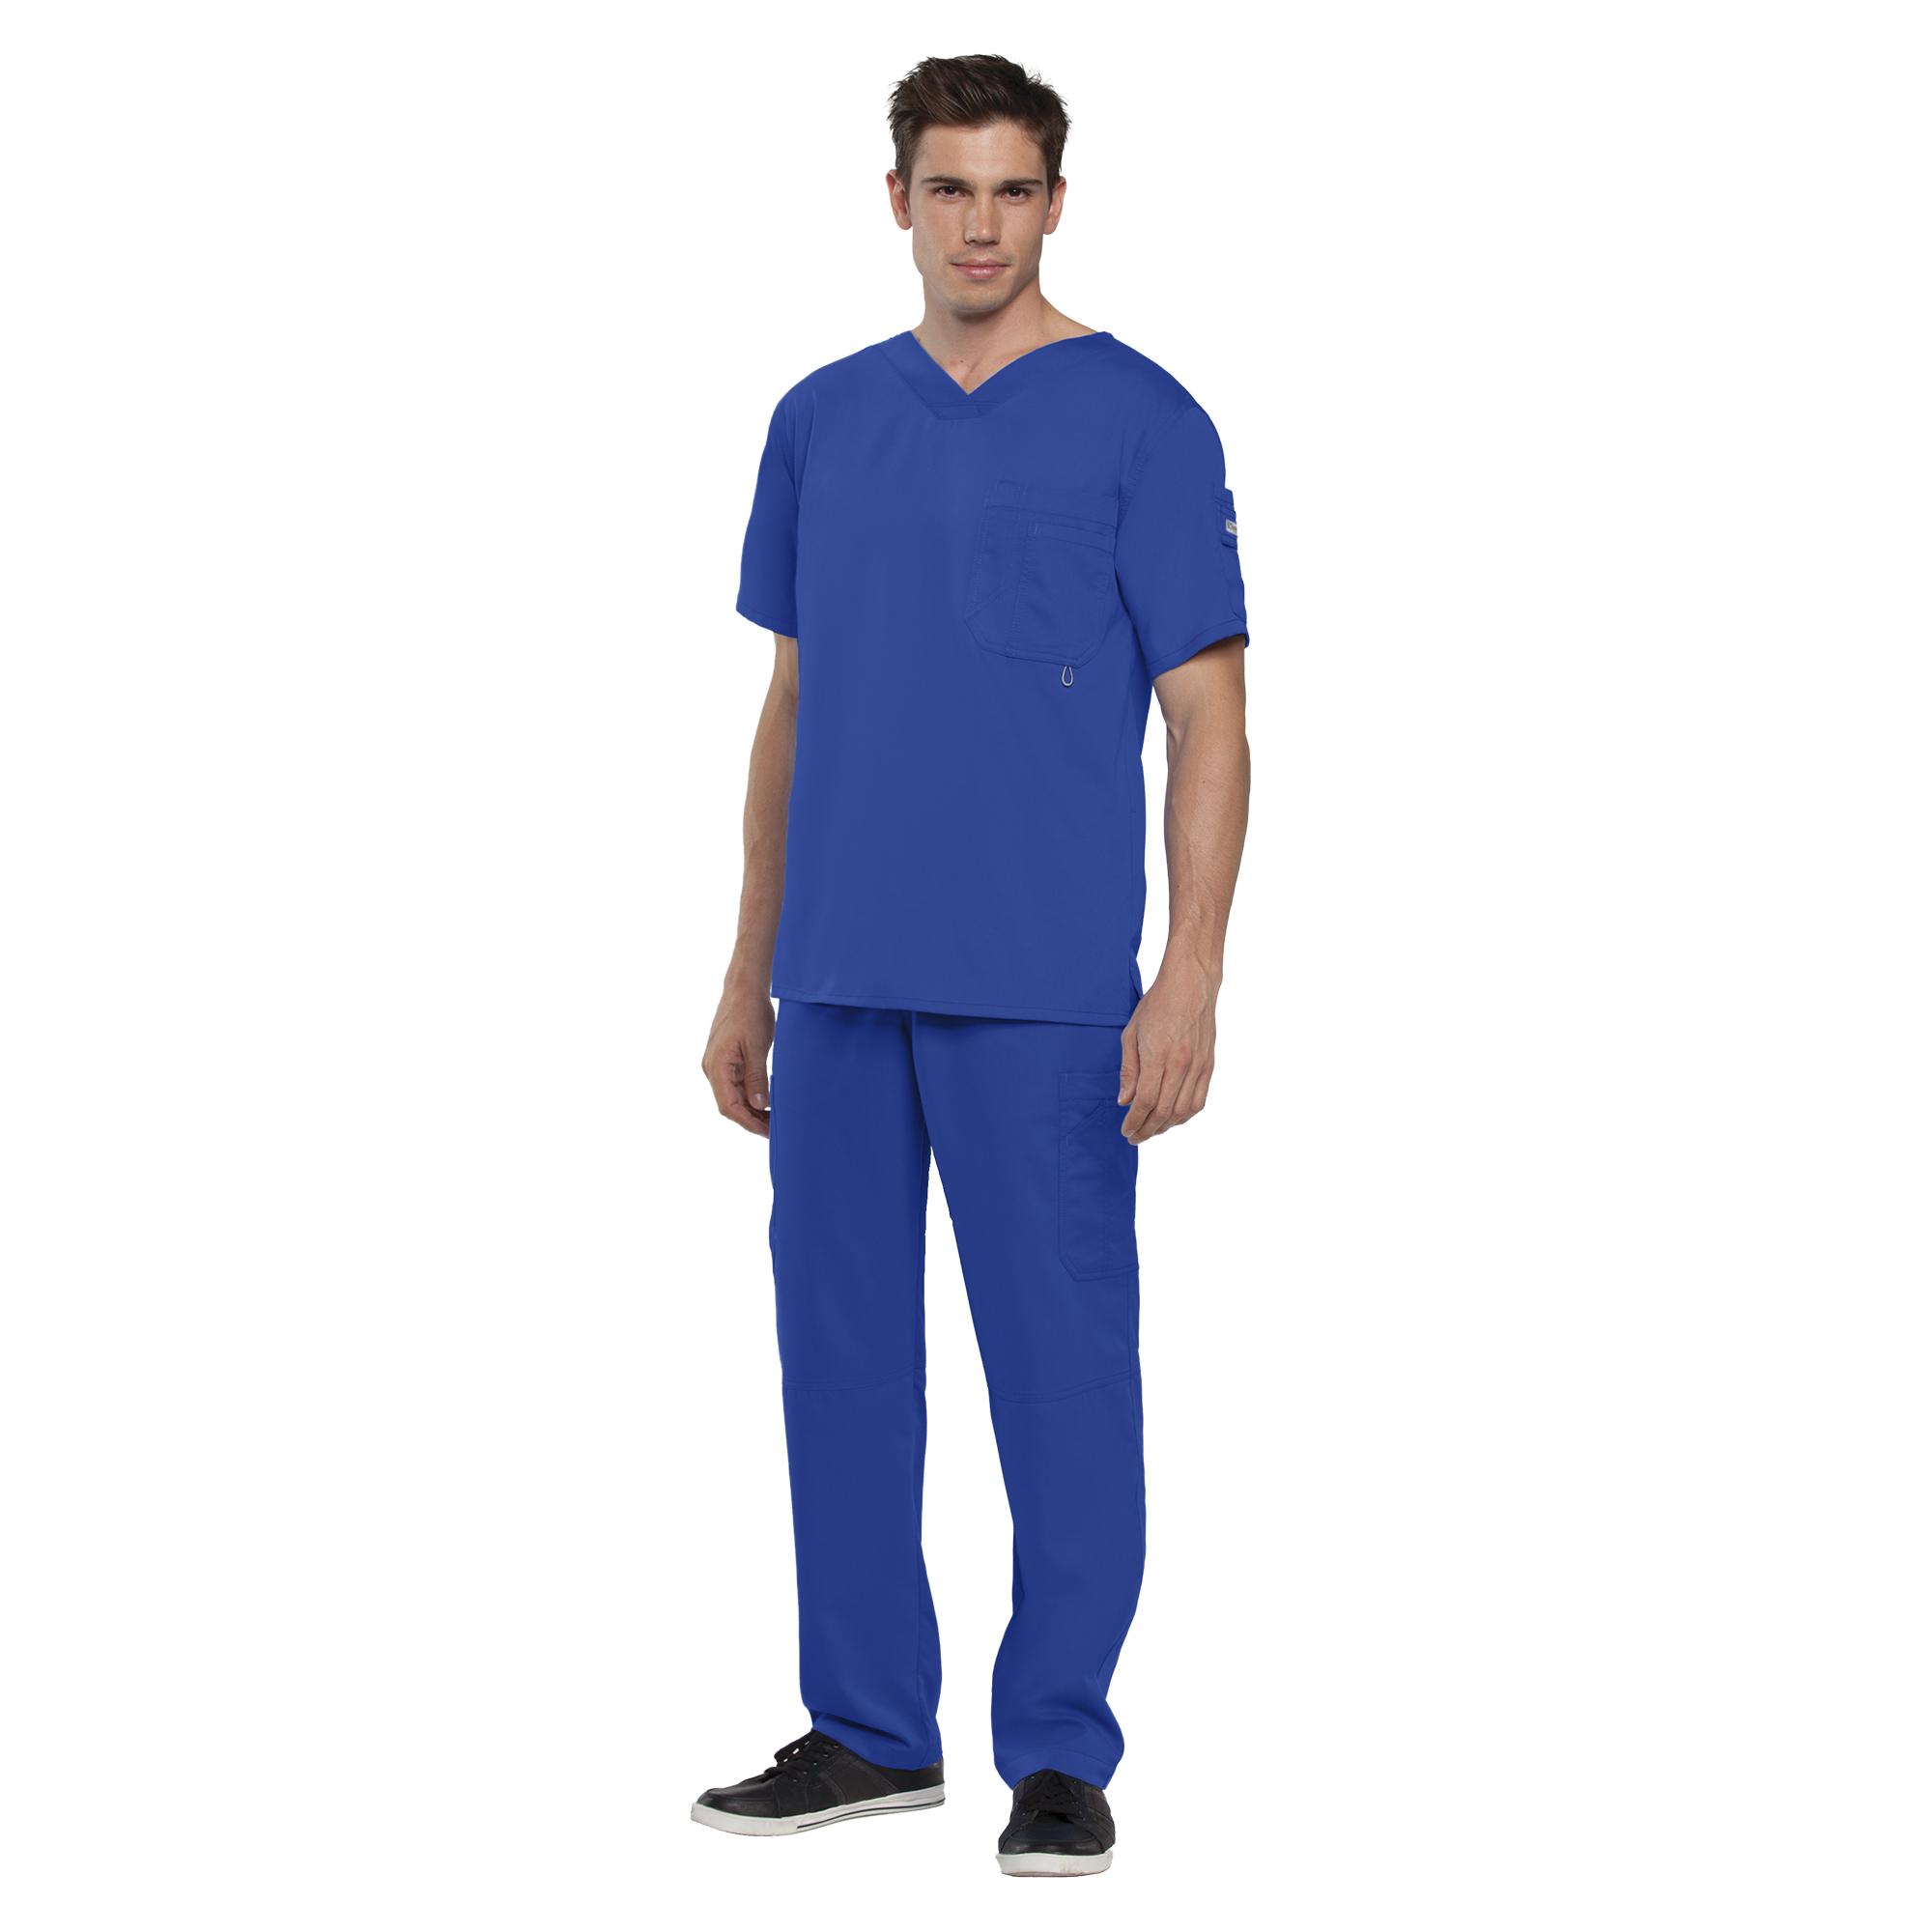 Grey's Anatomy Men's 3 Pocket V-Neck Chest Pocket Top-Greys Anatomy